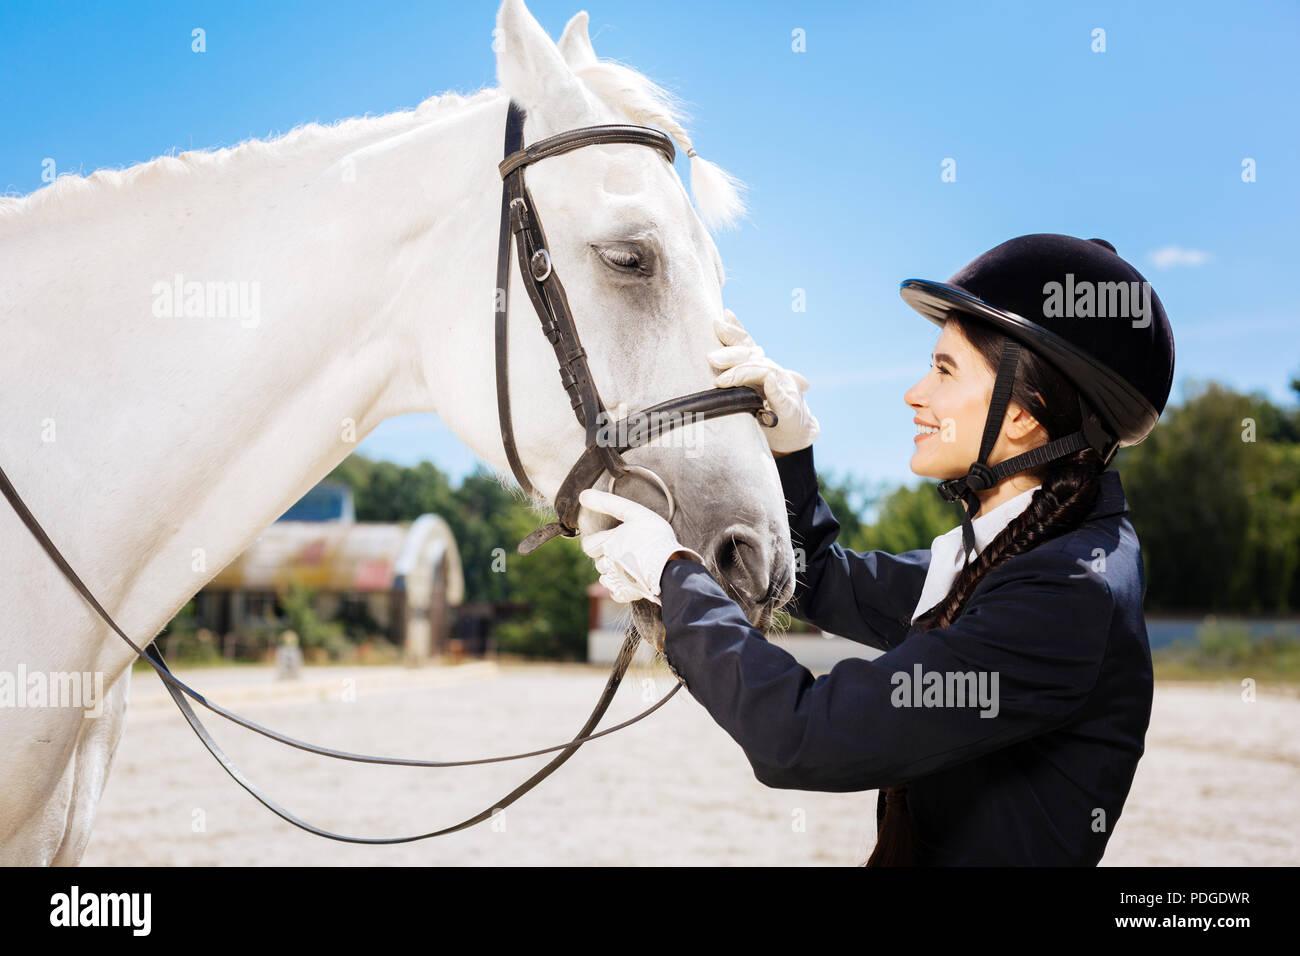 Junge vielversprechende Reiterin mit ihrem schönen weißen Pferd kommen Stockbild